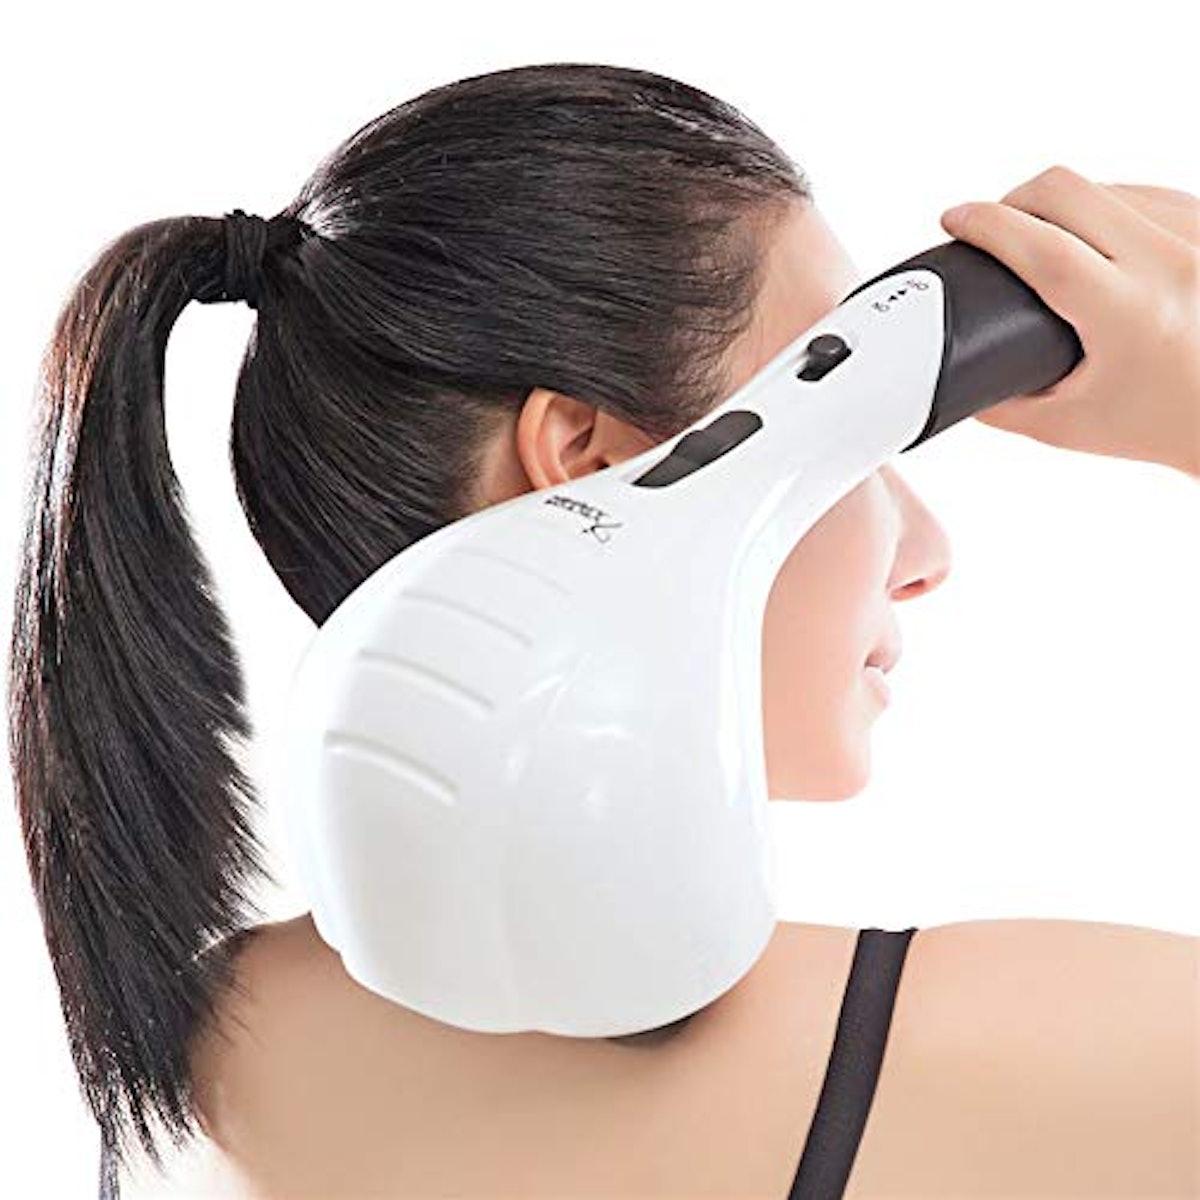 Viktor Jurgen Handheld Back Massager